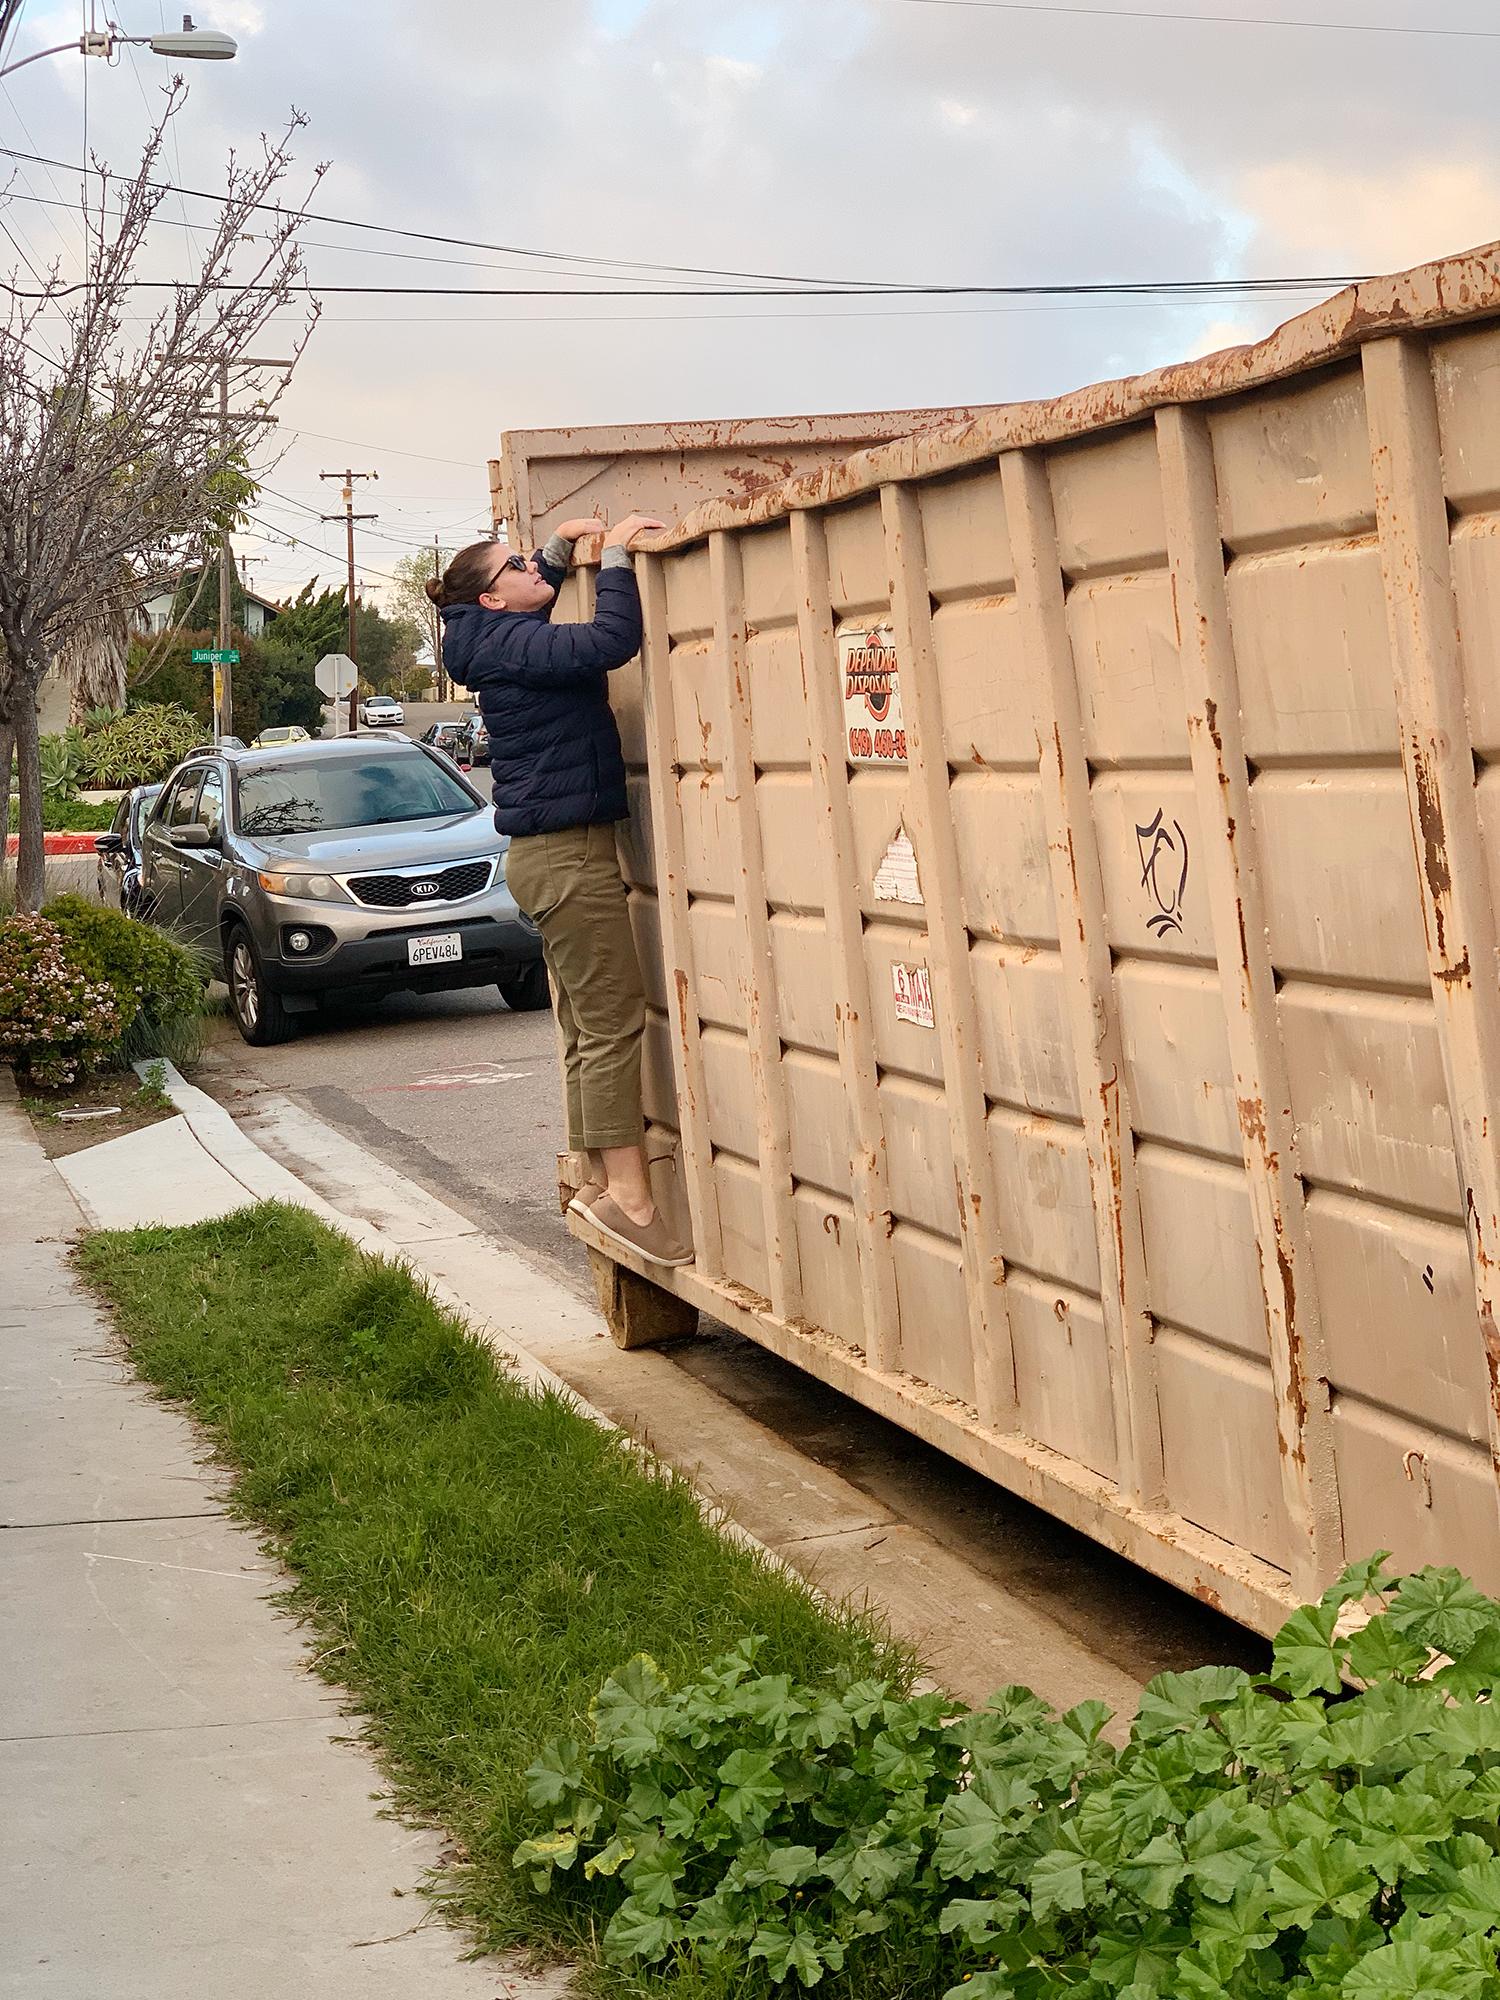 dumpster diving for hardwood floors.jpg